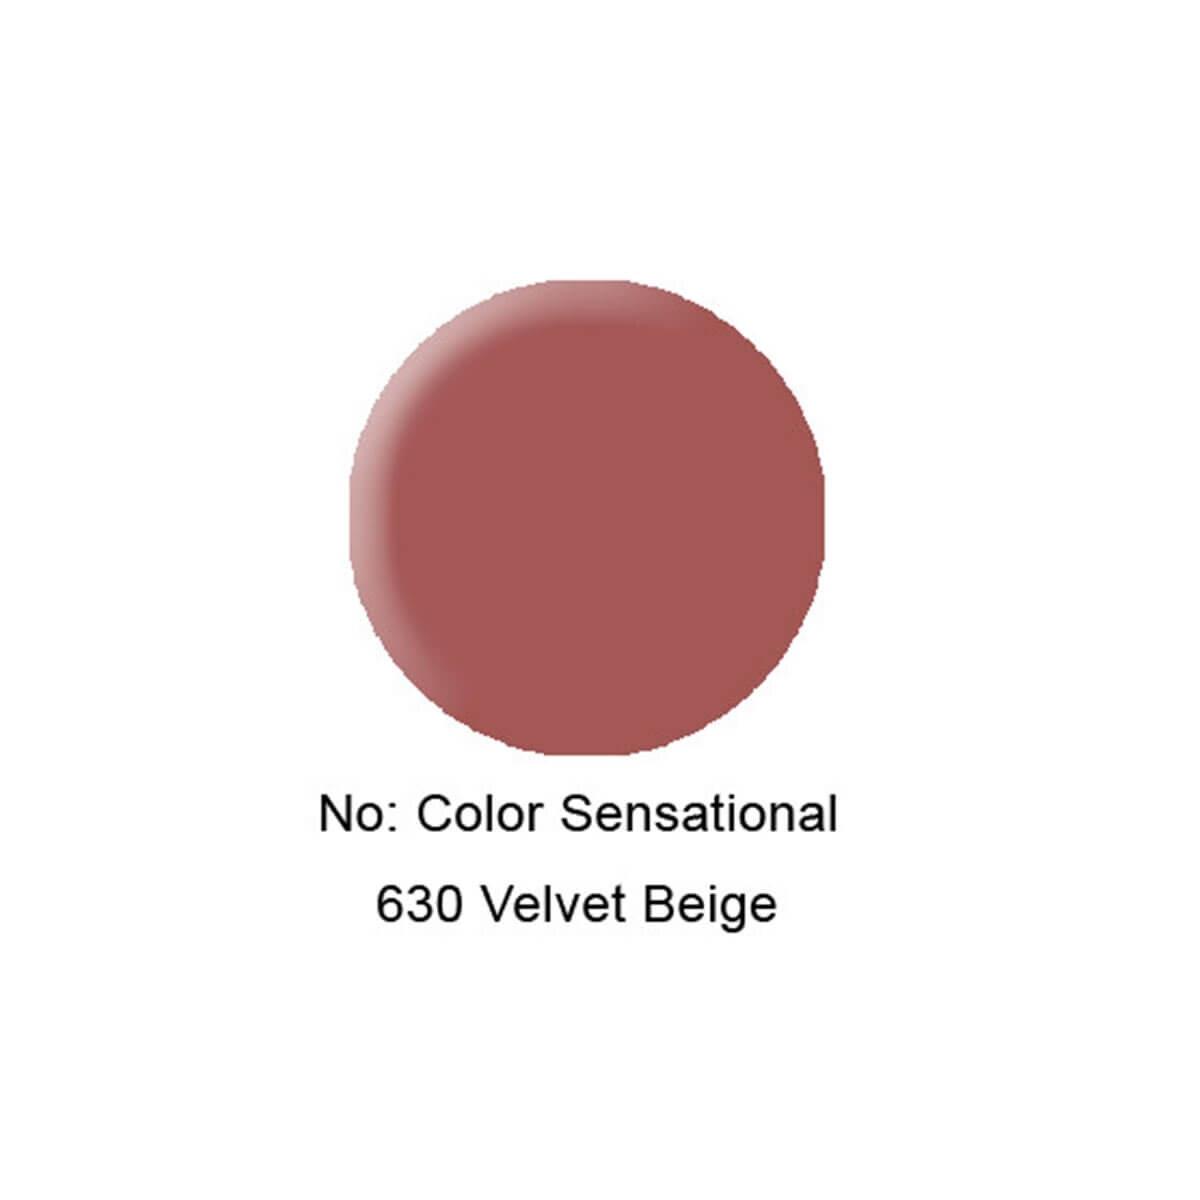 Color Sensational Ruj 630 Velvet Bej